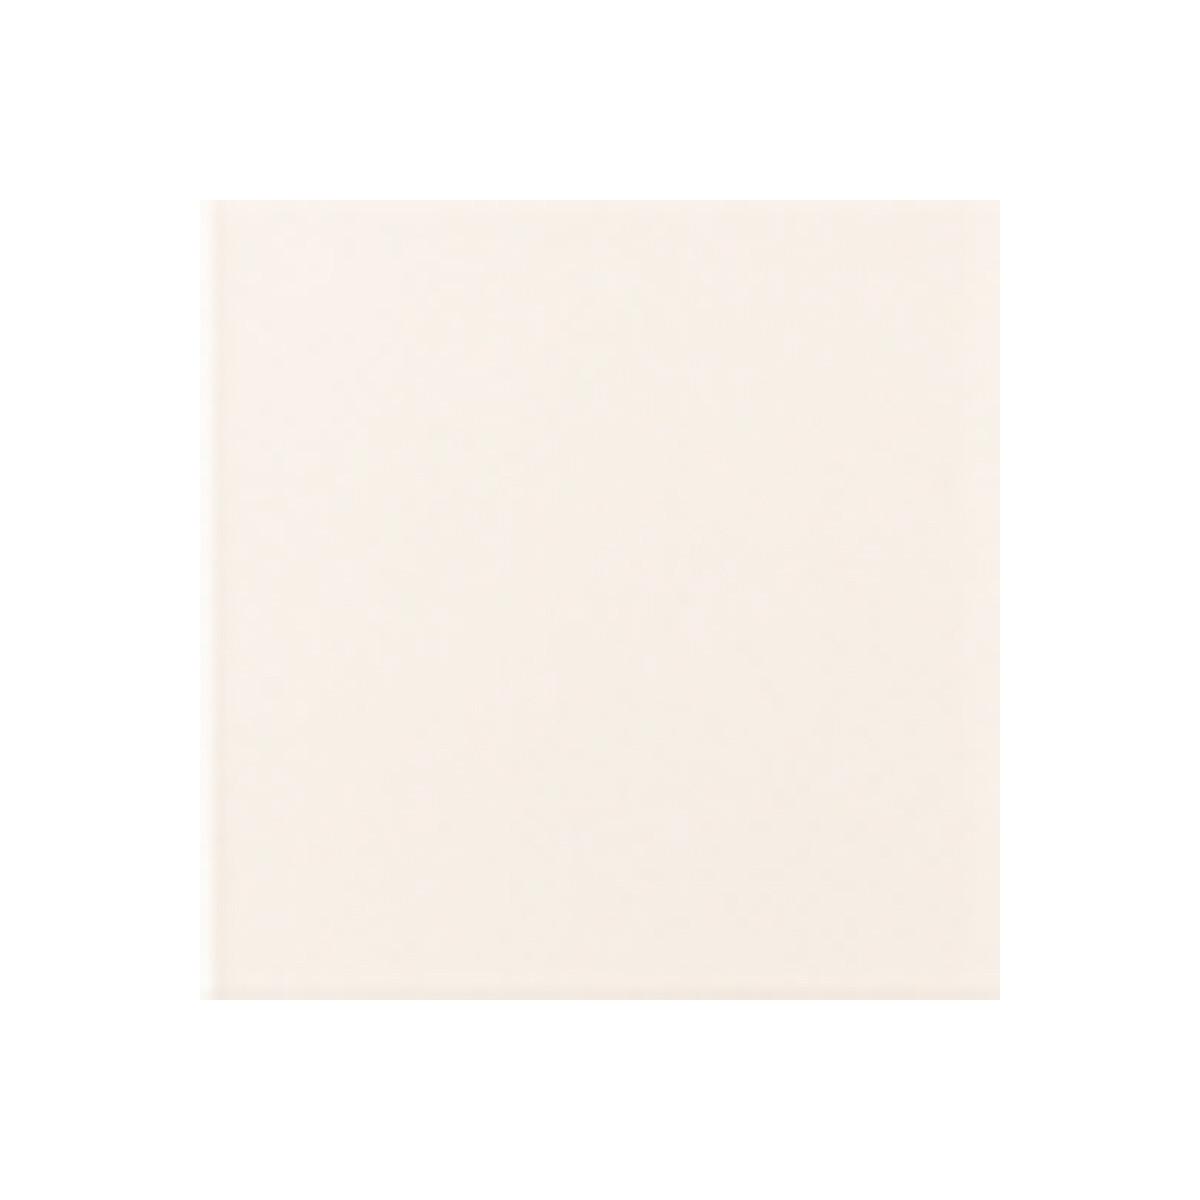 Color blanco mate - Colección Colores Mate - Marca Mainzu